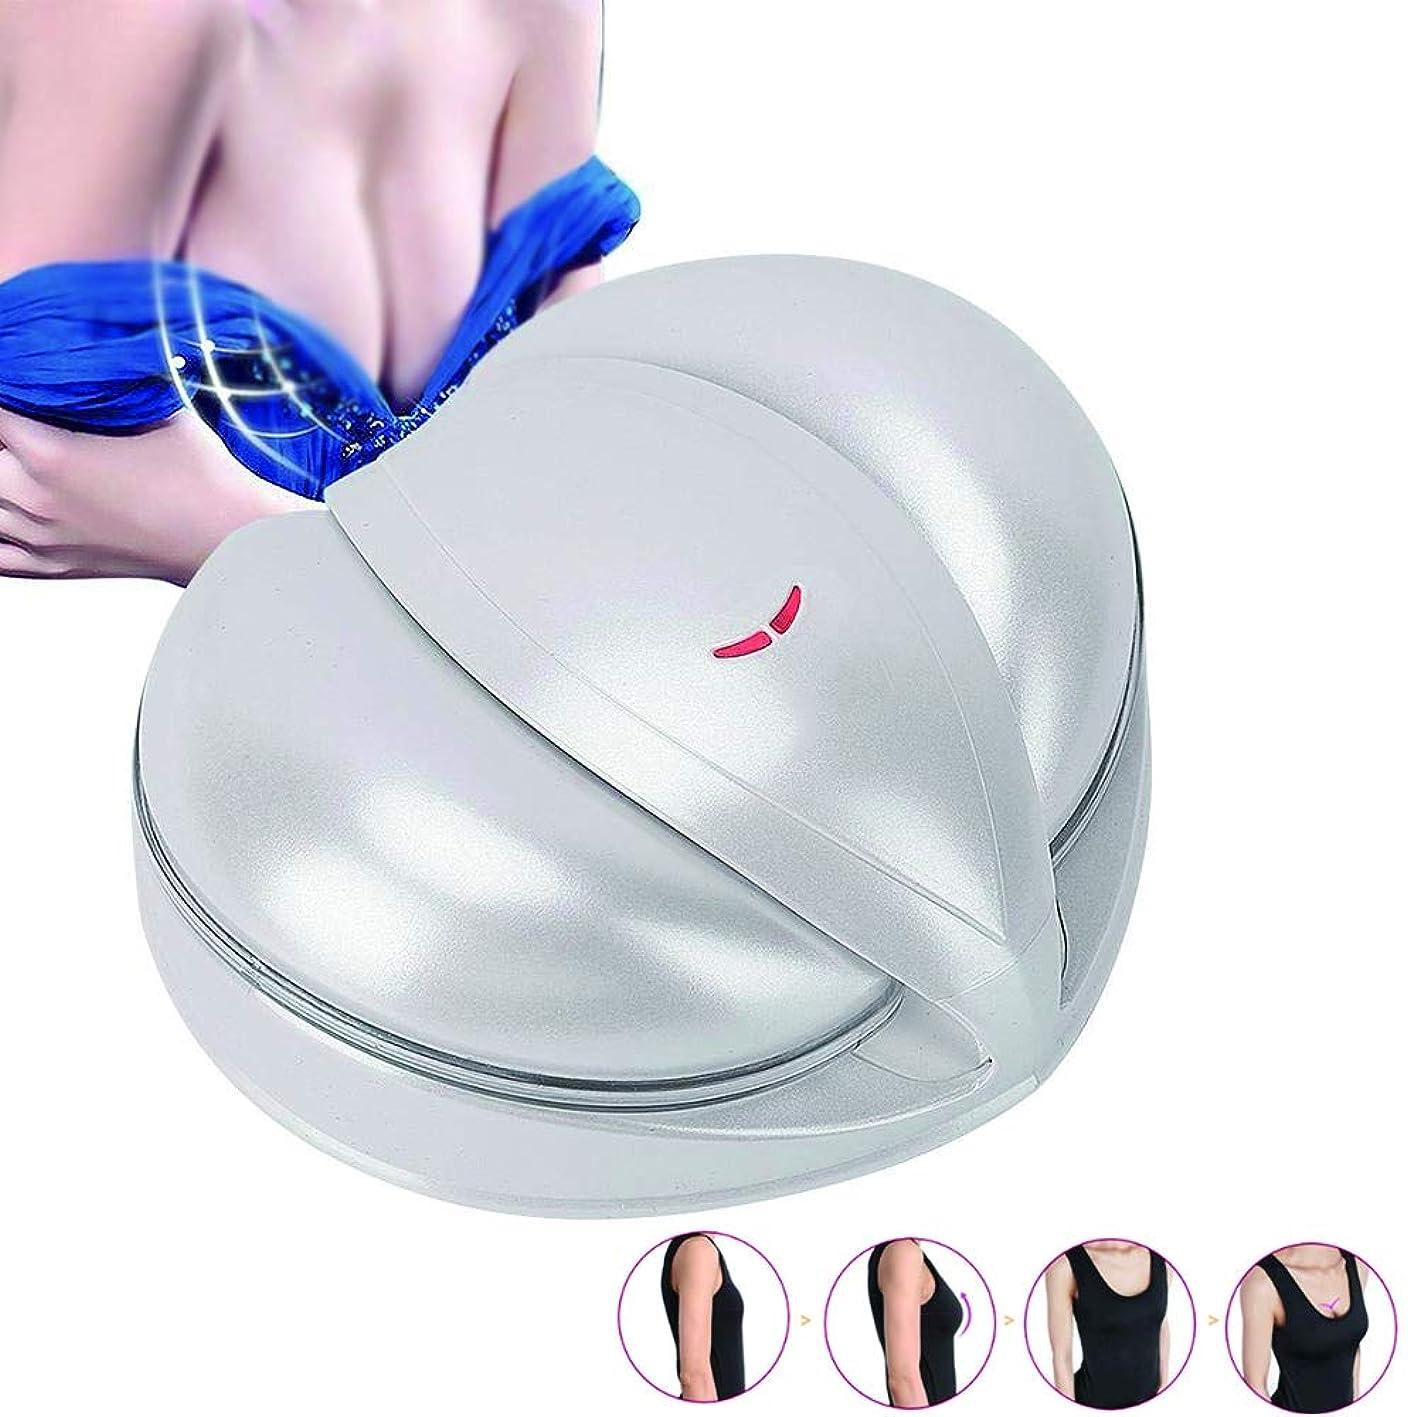 溶かすオプションライフル胸部マッサージ器胸の強化インストゥルメント、?胸のリフティングマッサージ器電動乳引き伸ばしおよび抗たるみマッサージ装置